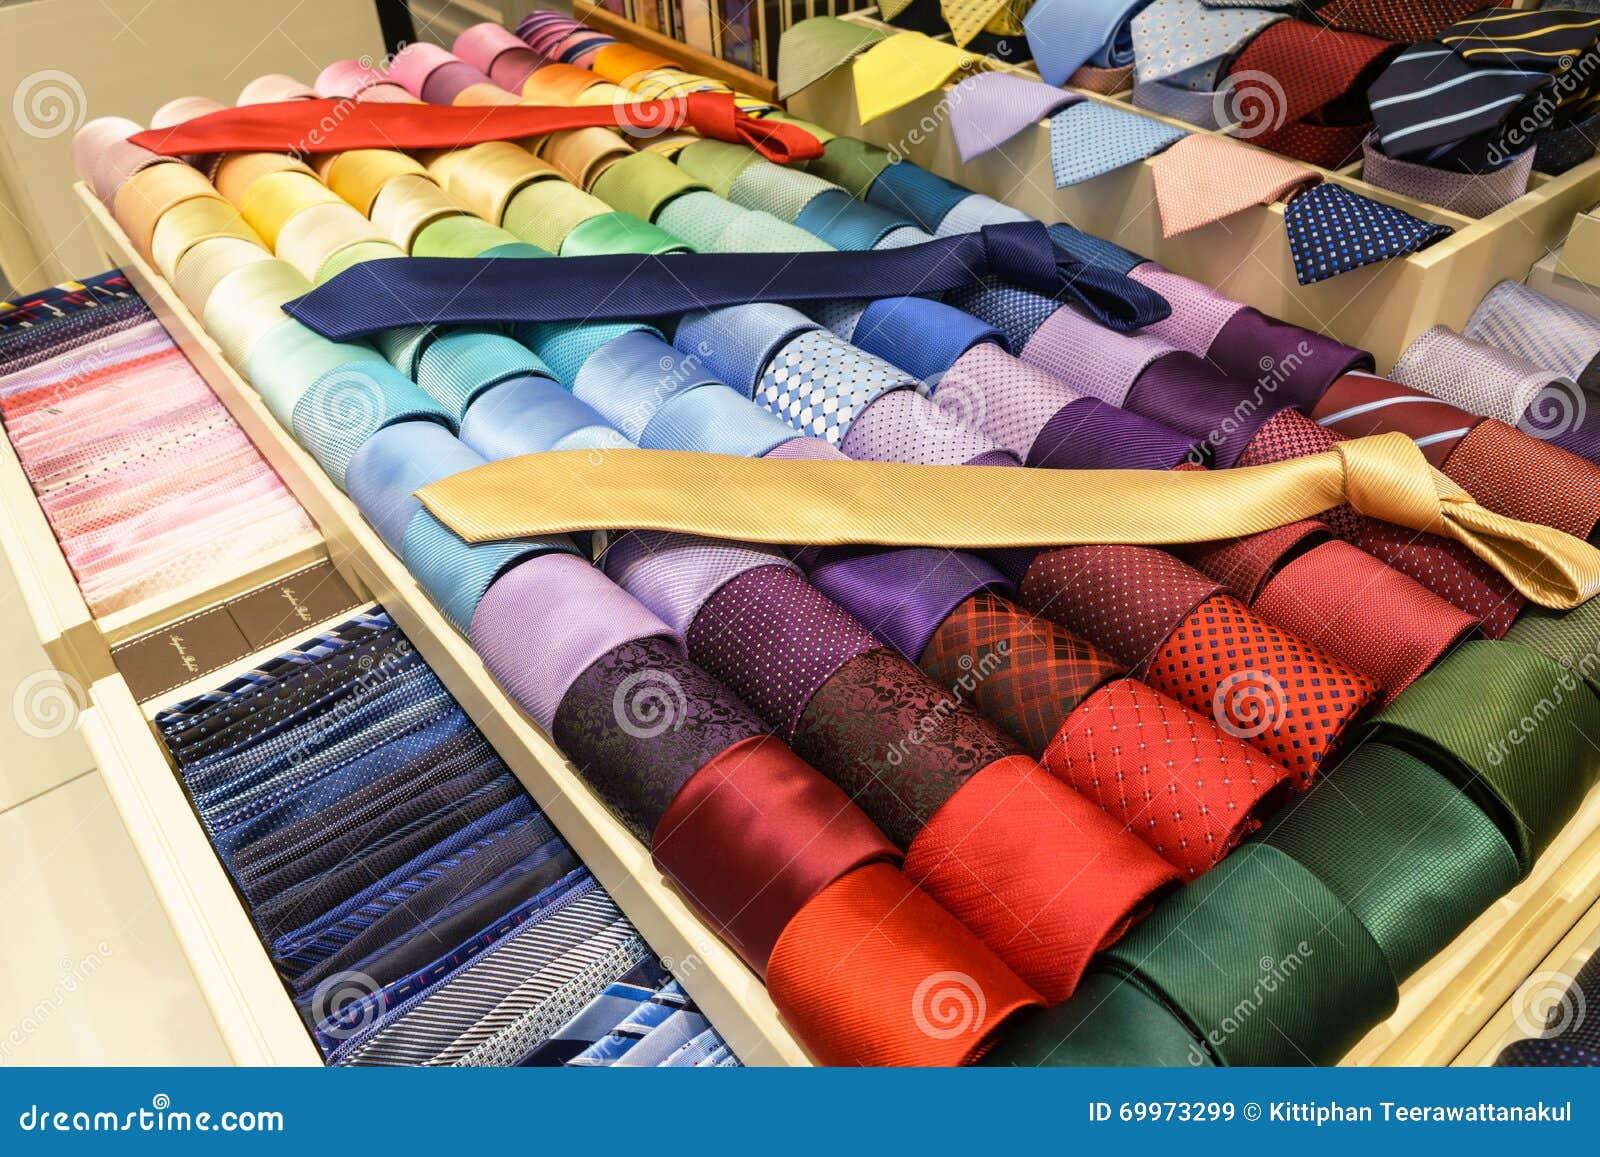 Cravatte di seta differenti sugli scaffali